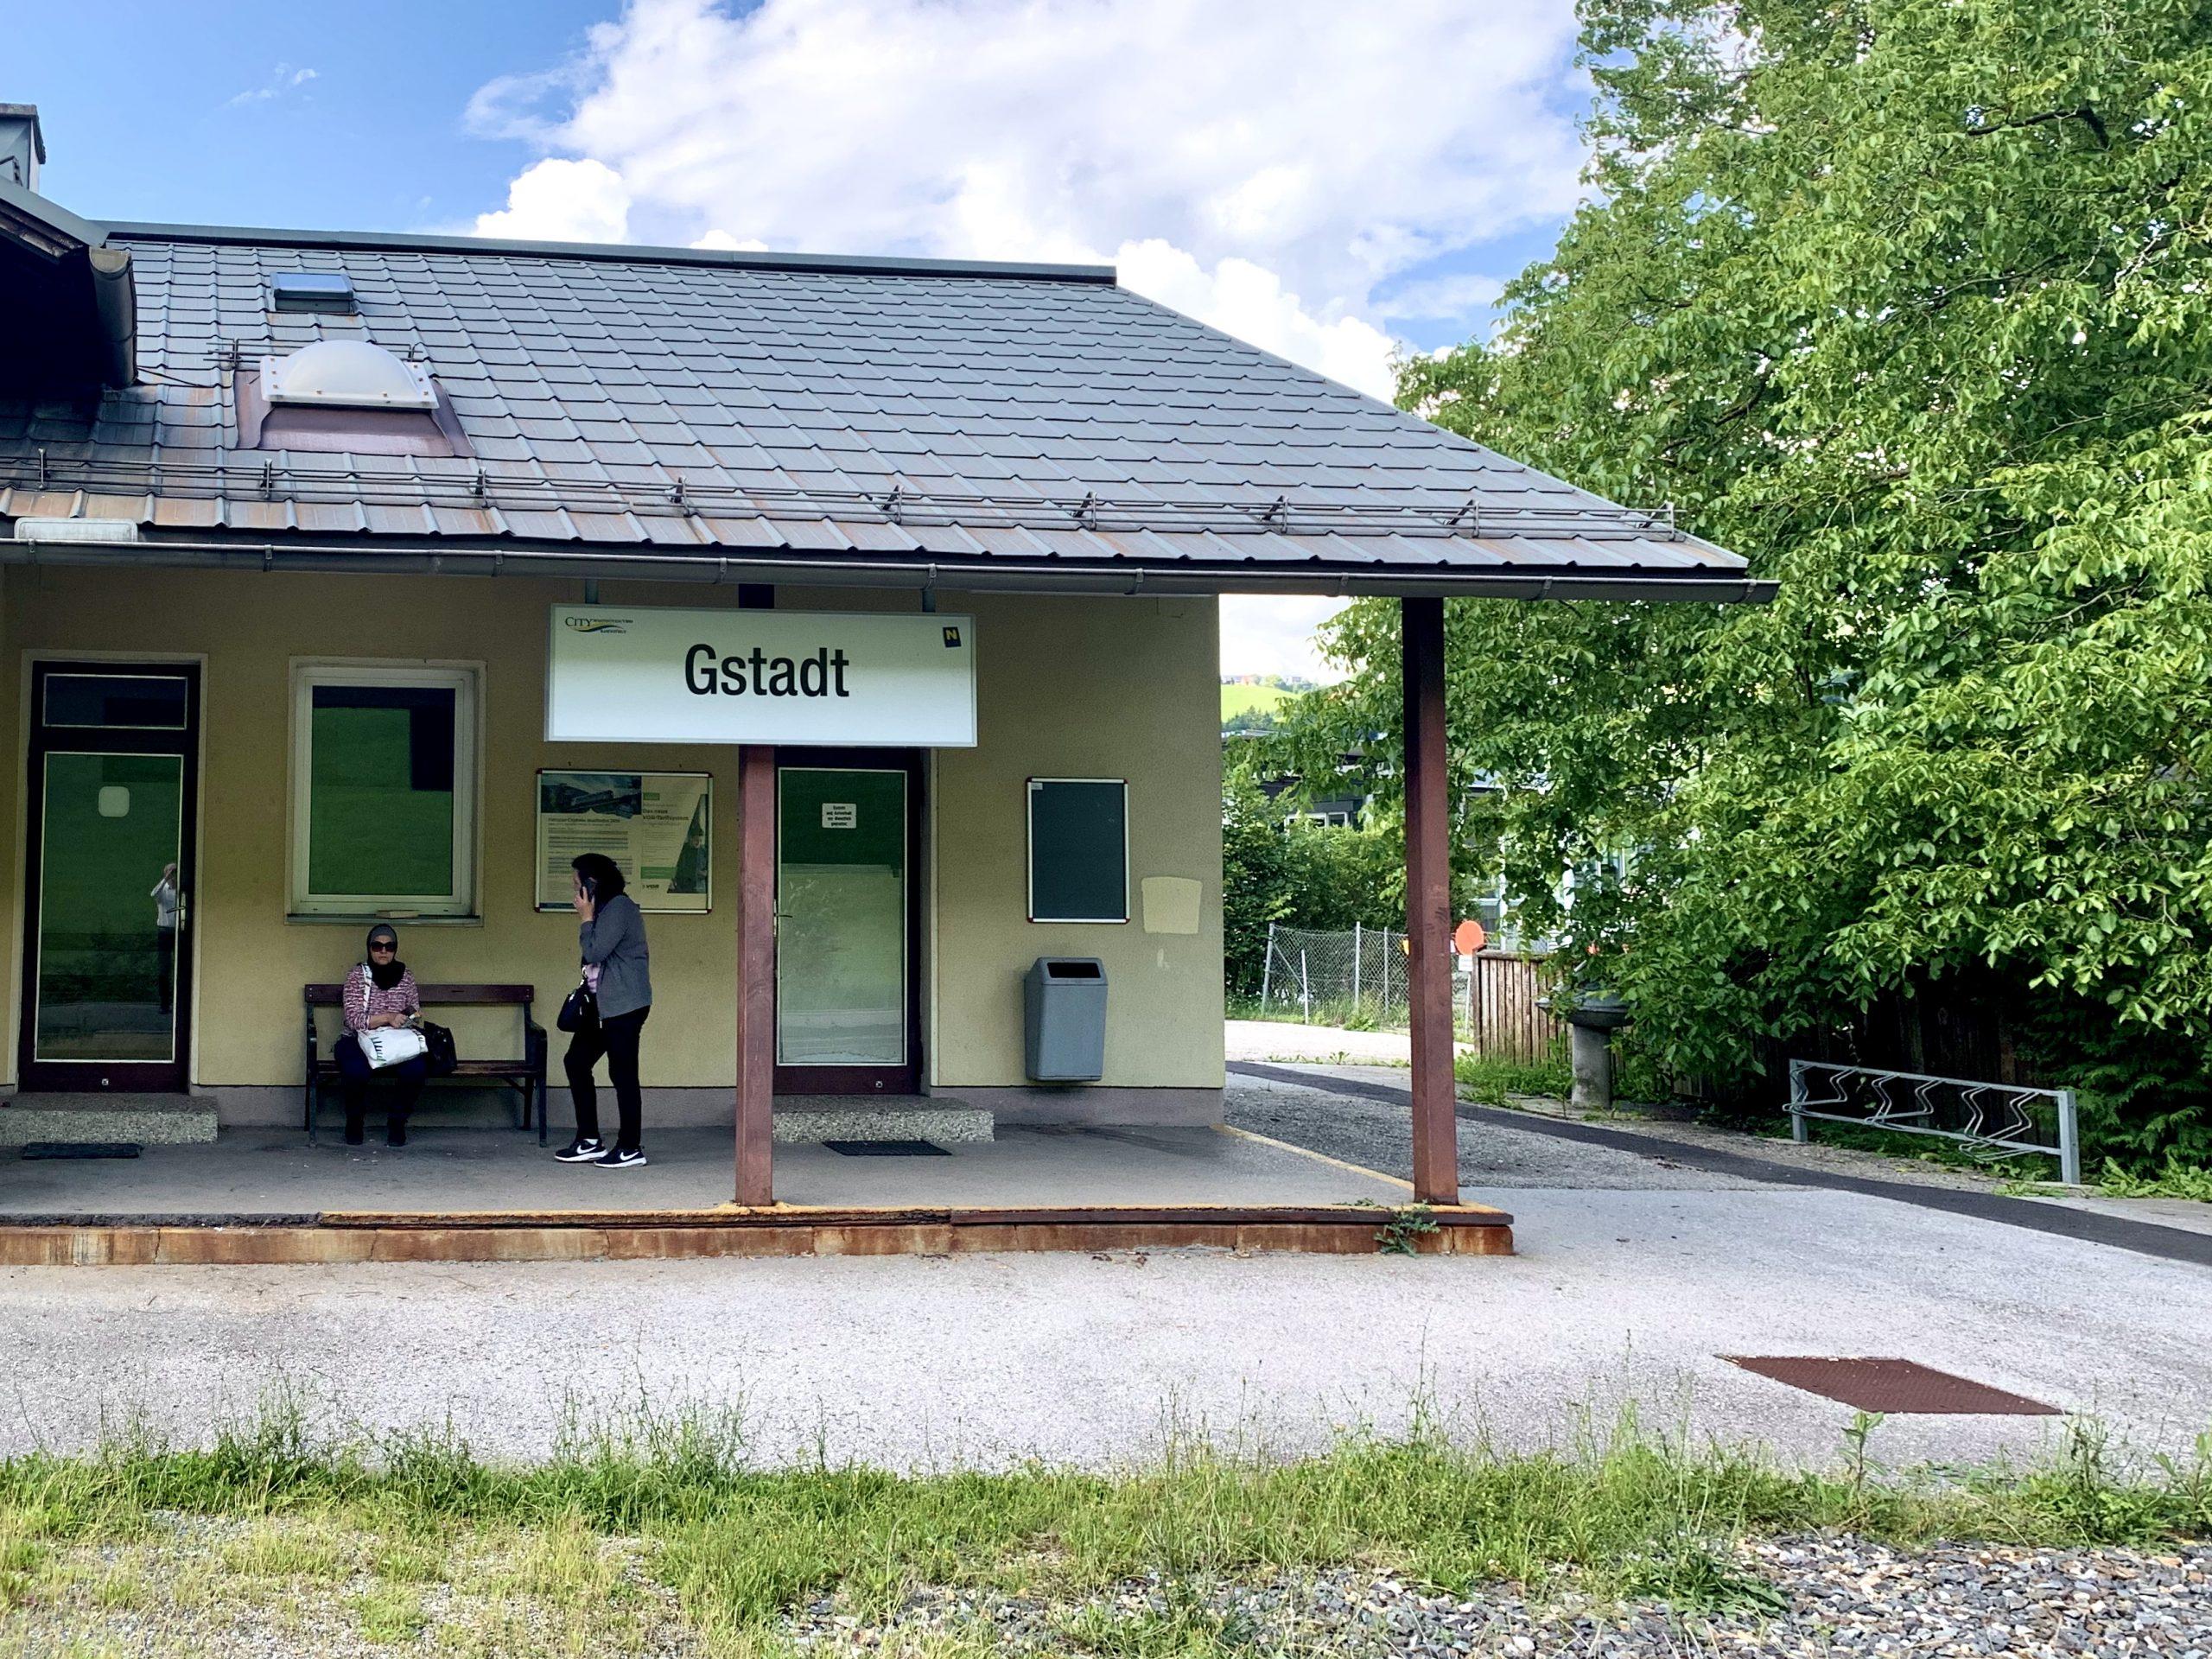 bahnhof gstadt ybbstalbahn